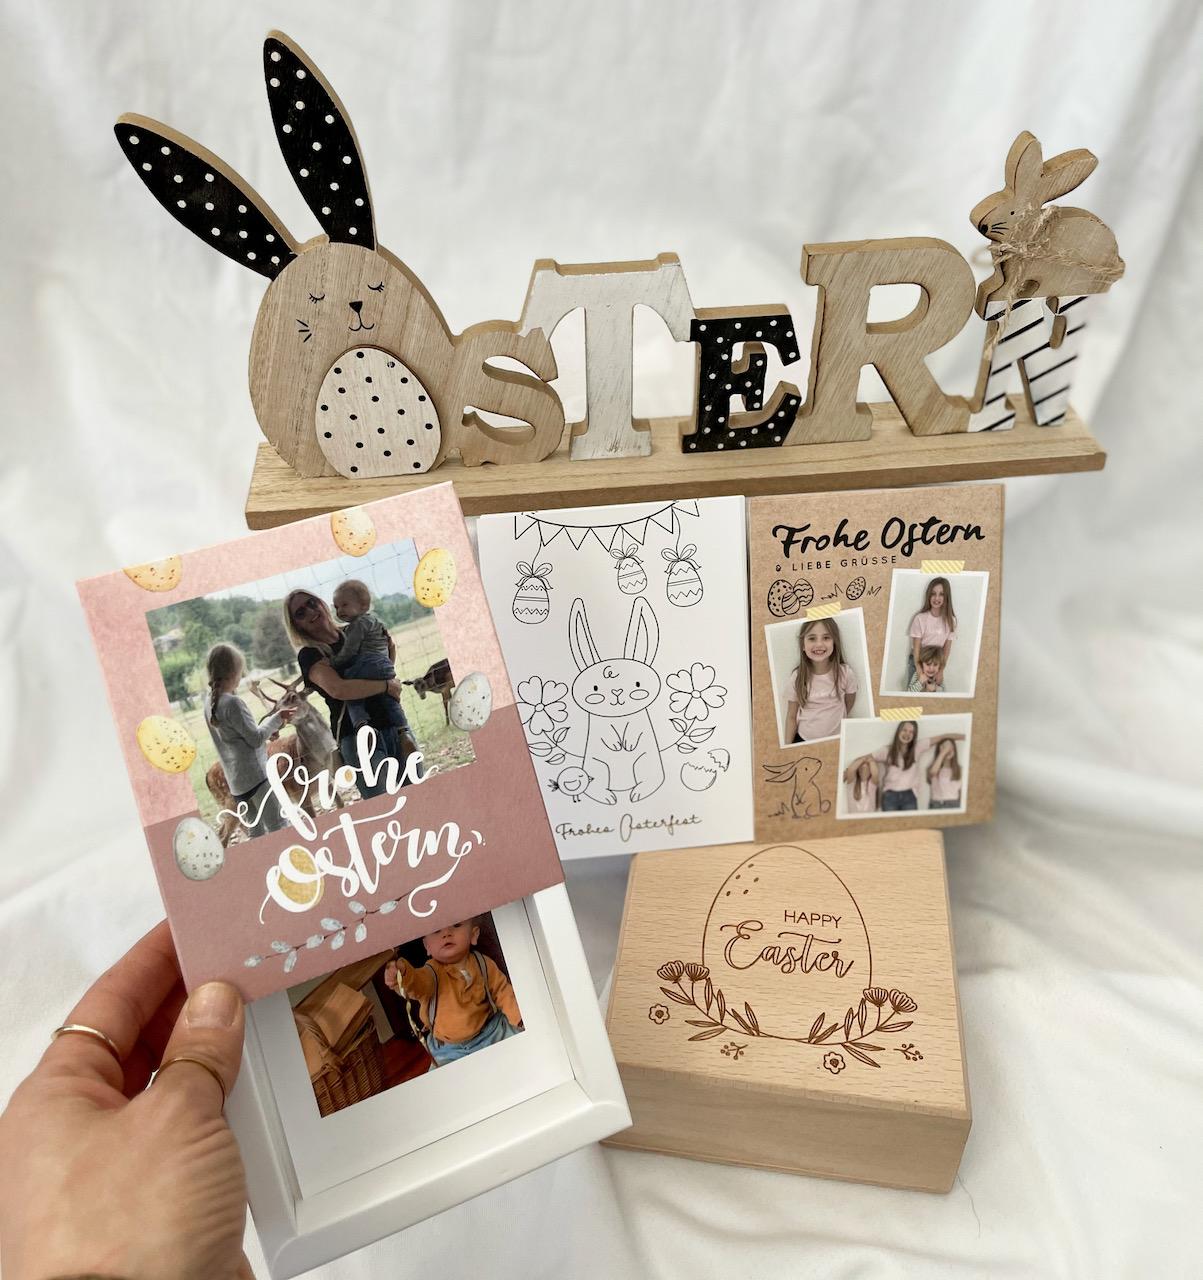 Von Osterkarten bis hin zu Erinnerungsboxen - Fotogeschenke Ostern selber machen - das habe ich mir heuer vorgenommen. Die Fotogeschenk Ideen sind enorm!